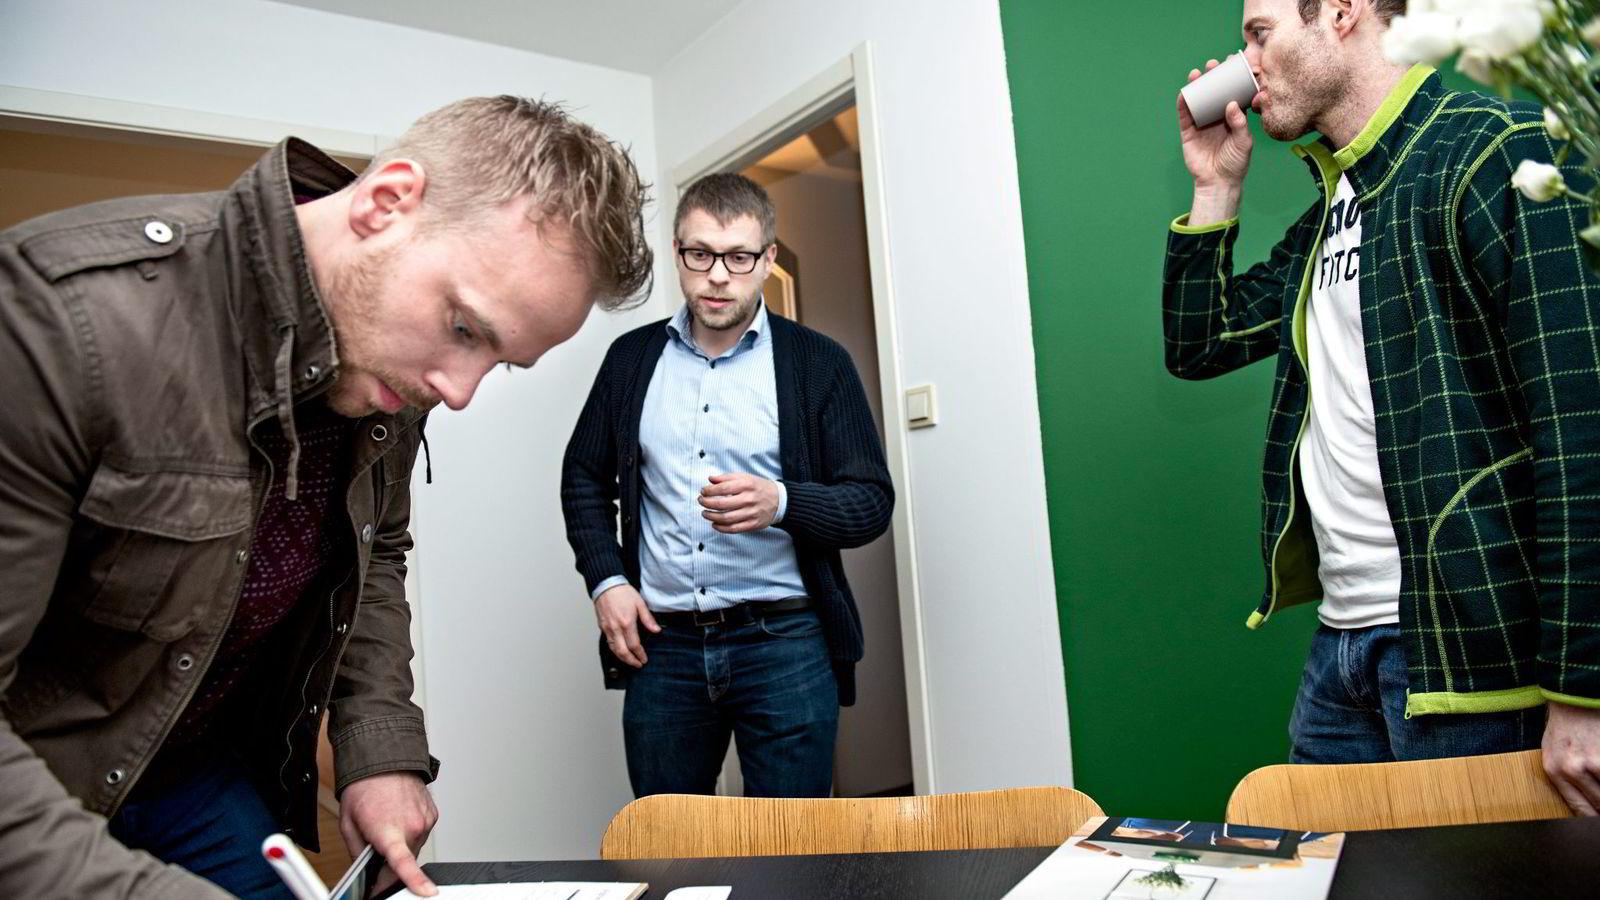 Ola Lindsetmo (til venstre) og Pål Høgmo (til høyre) var to av dem som var på visning hos eiendomsmegler Eivind Braastad i toromsleiligheten i Valdresgata i Oslo tirsdag ettermiddag. Dagen etter fikk Høgmo tilslaget på 3,6 millioner kroner.                Begge foto: Klaudia Lech